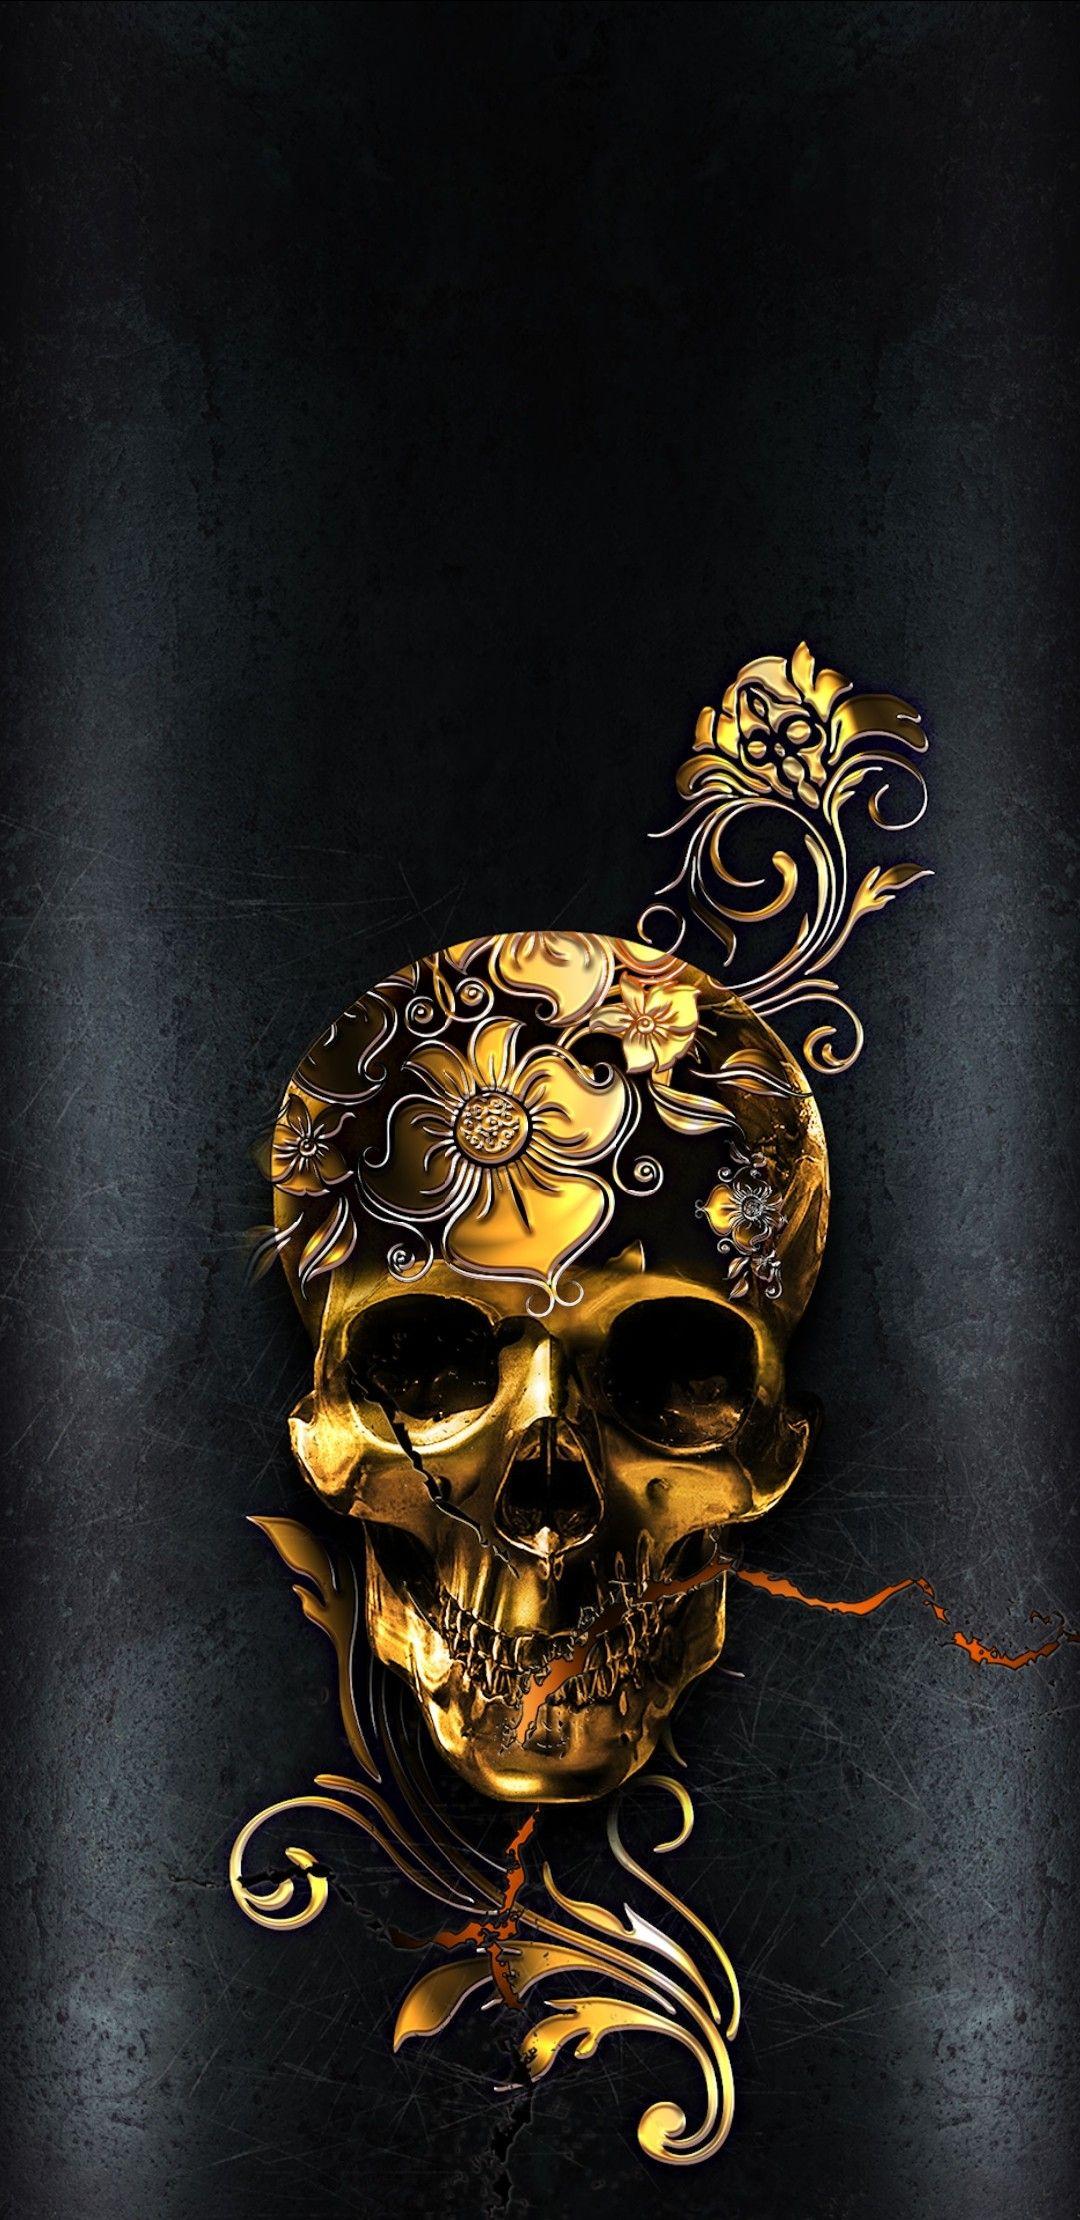 Pin By Tania Jardim On Wallpapers Skull Wallpaper Skull